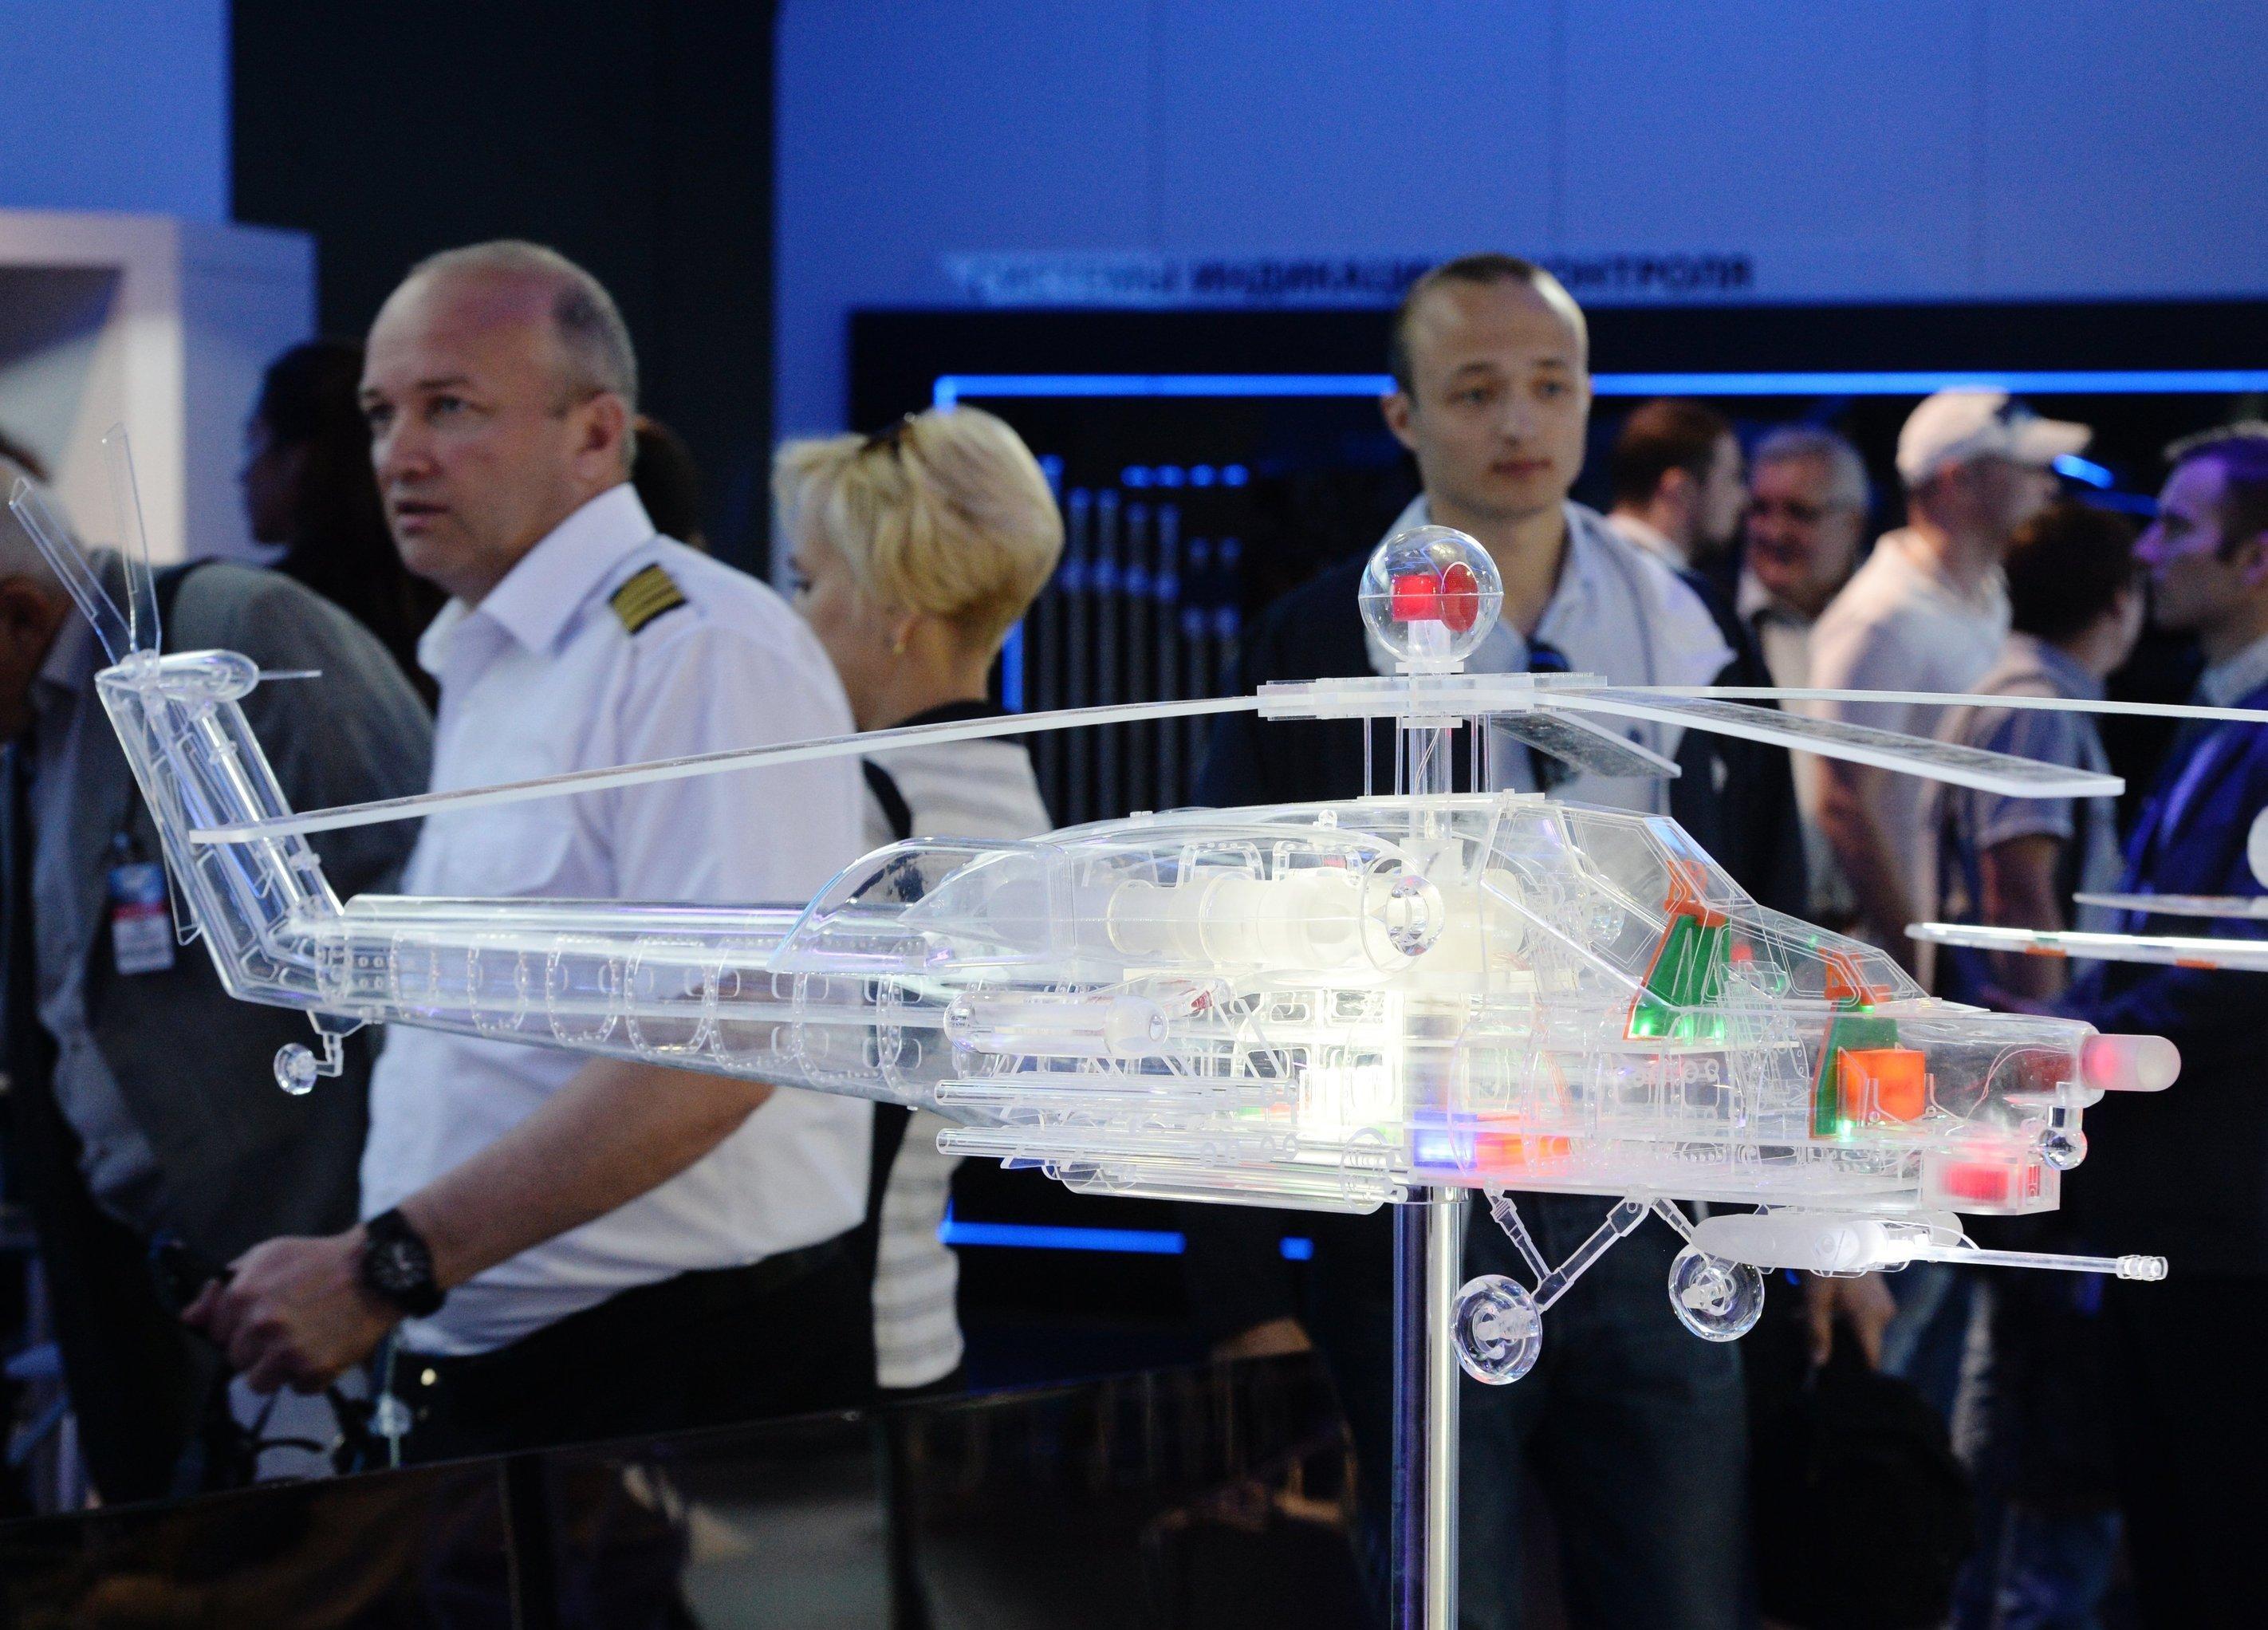 2015年莫斯科国际航空航天展览会(maks-2015)